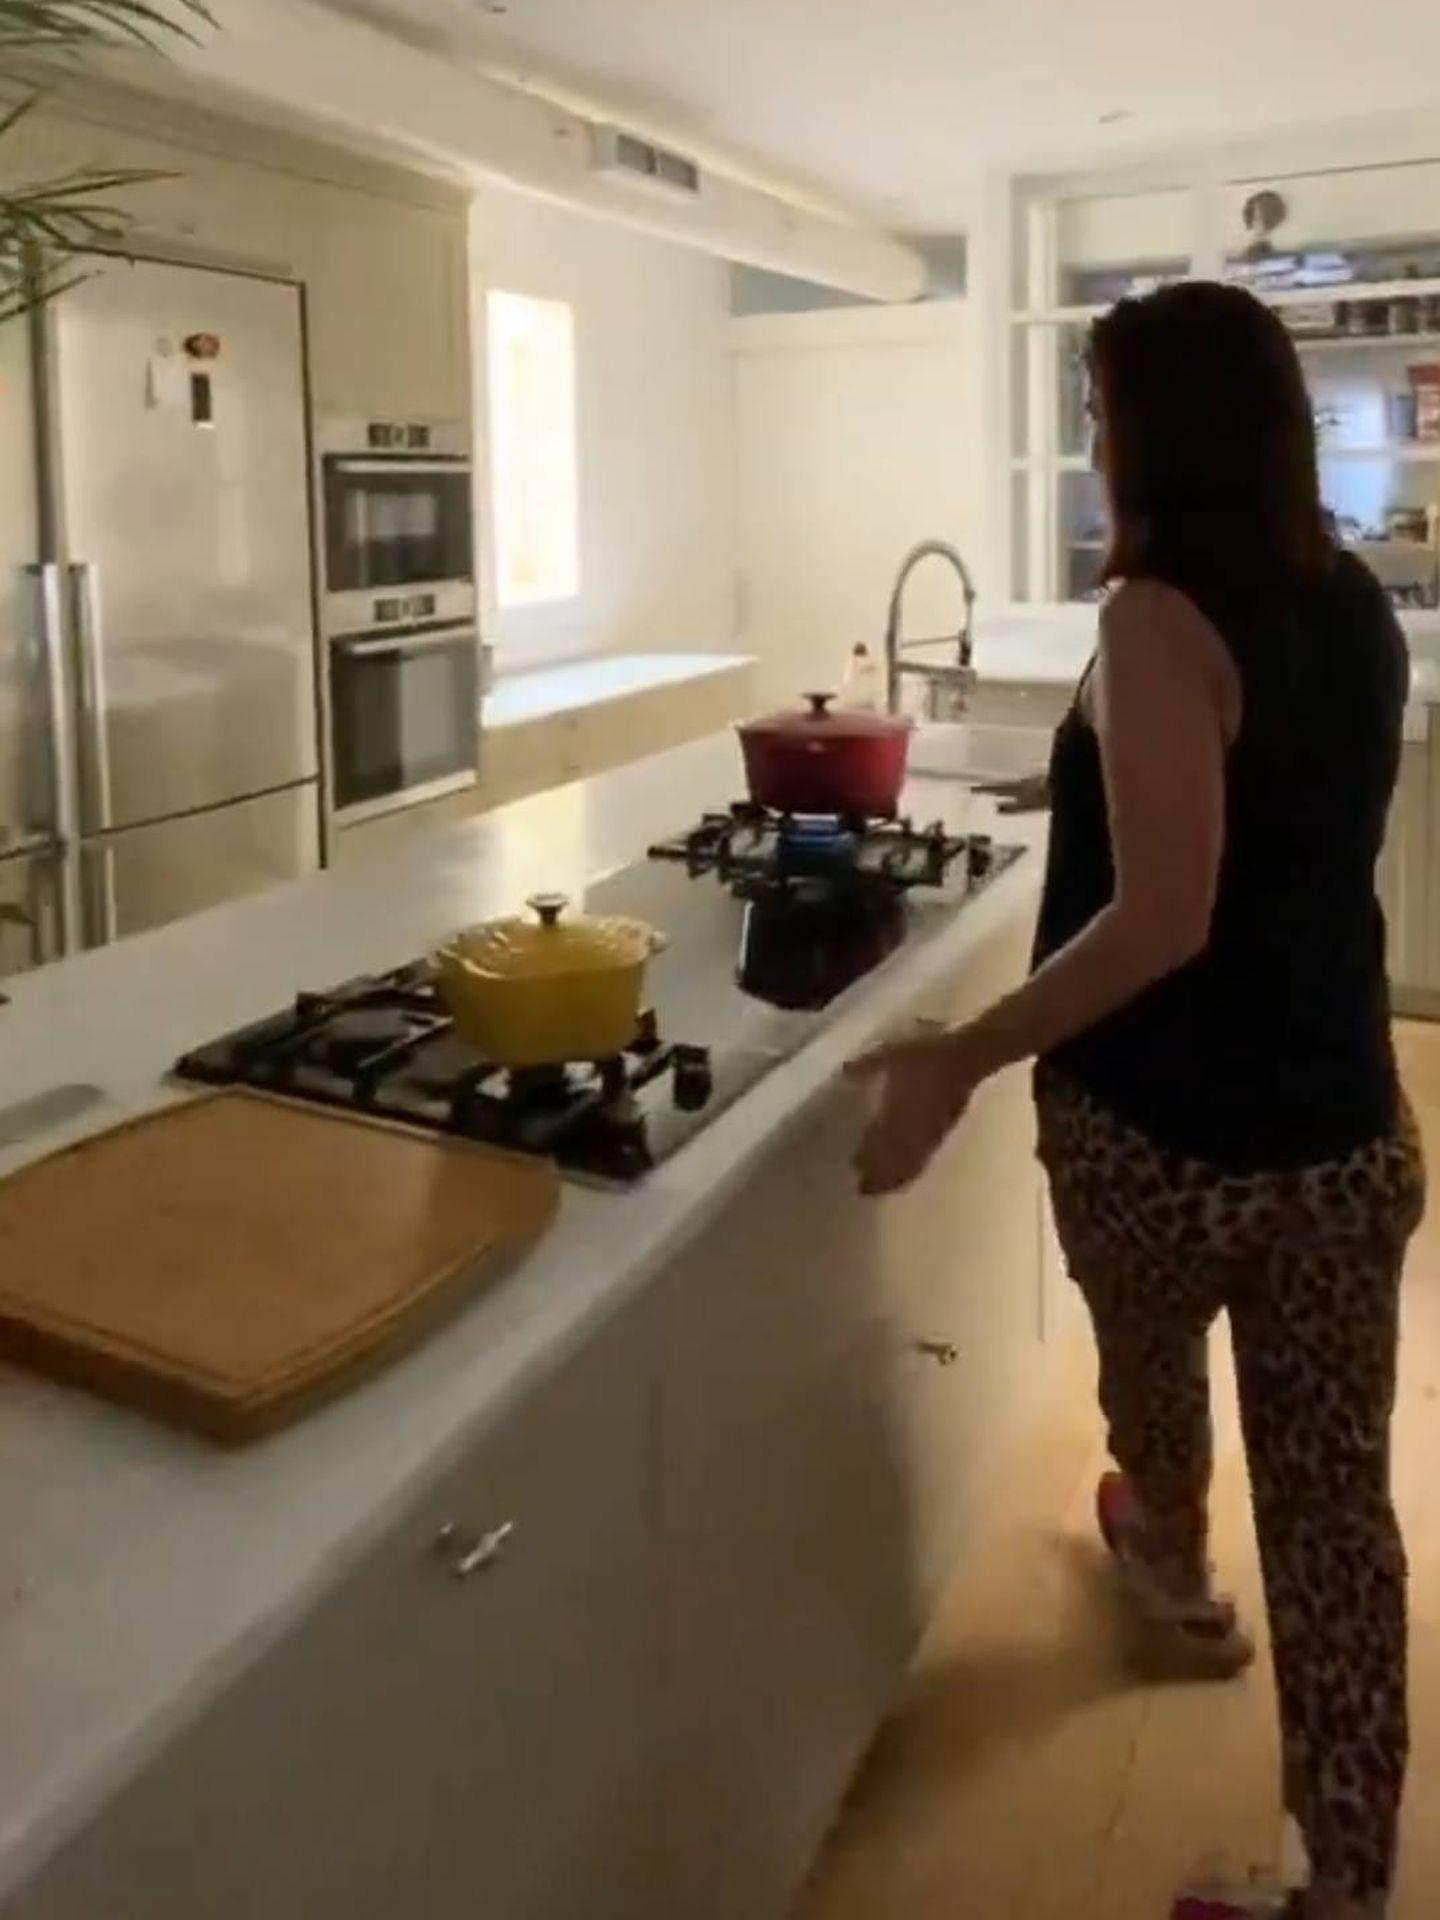 La cocina de Samantha Vallejo-Nágera. (Instagram @samyspain)